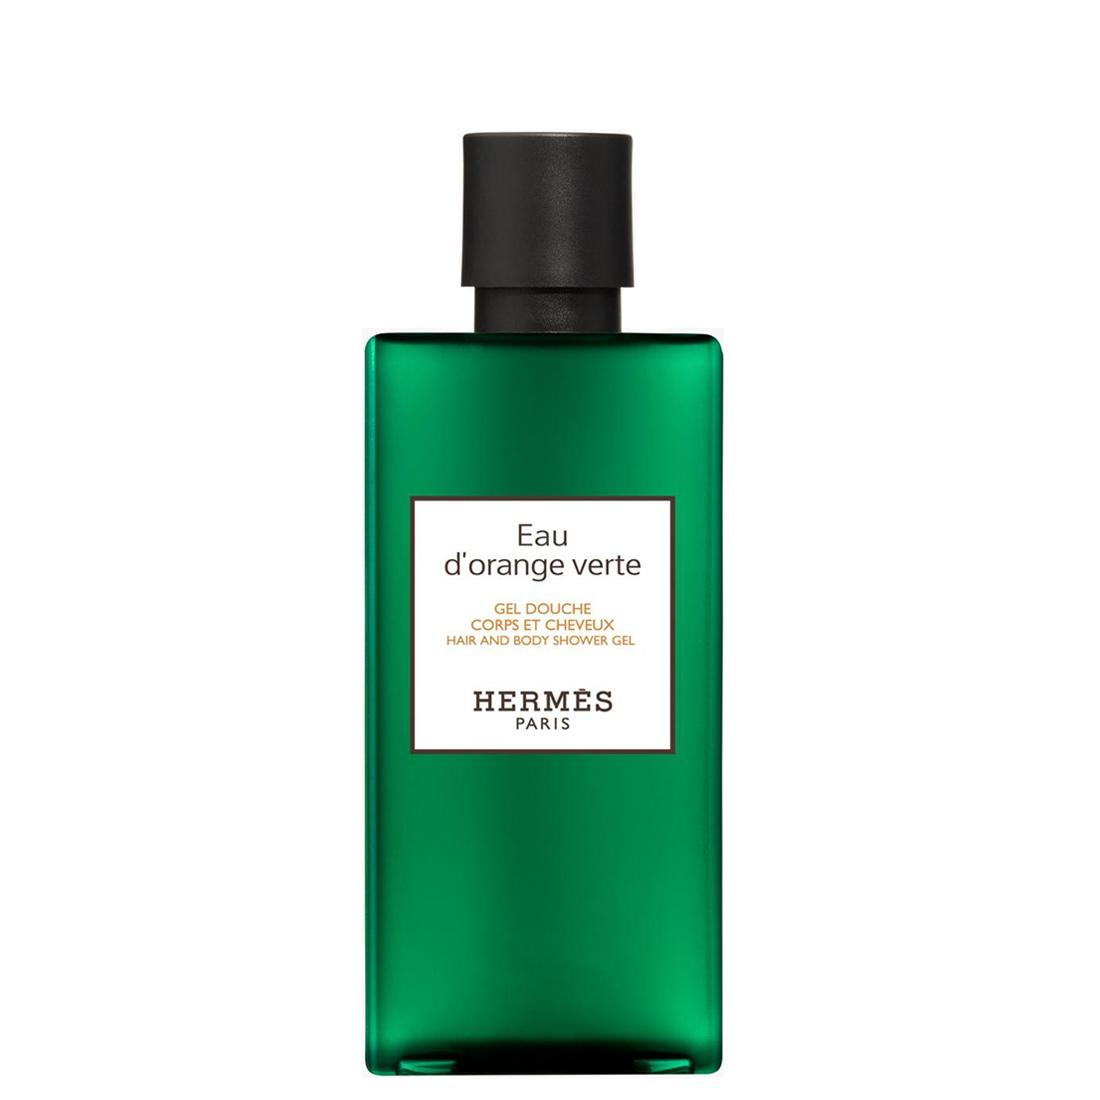 Hermès - Eau d'orange verte - Gel douche corps cheveux